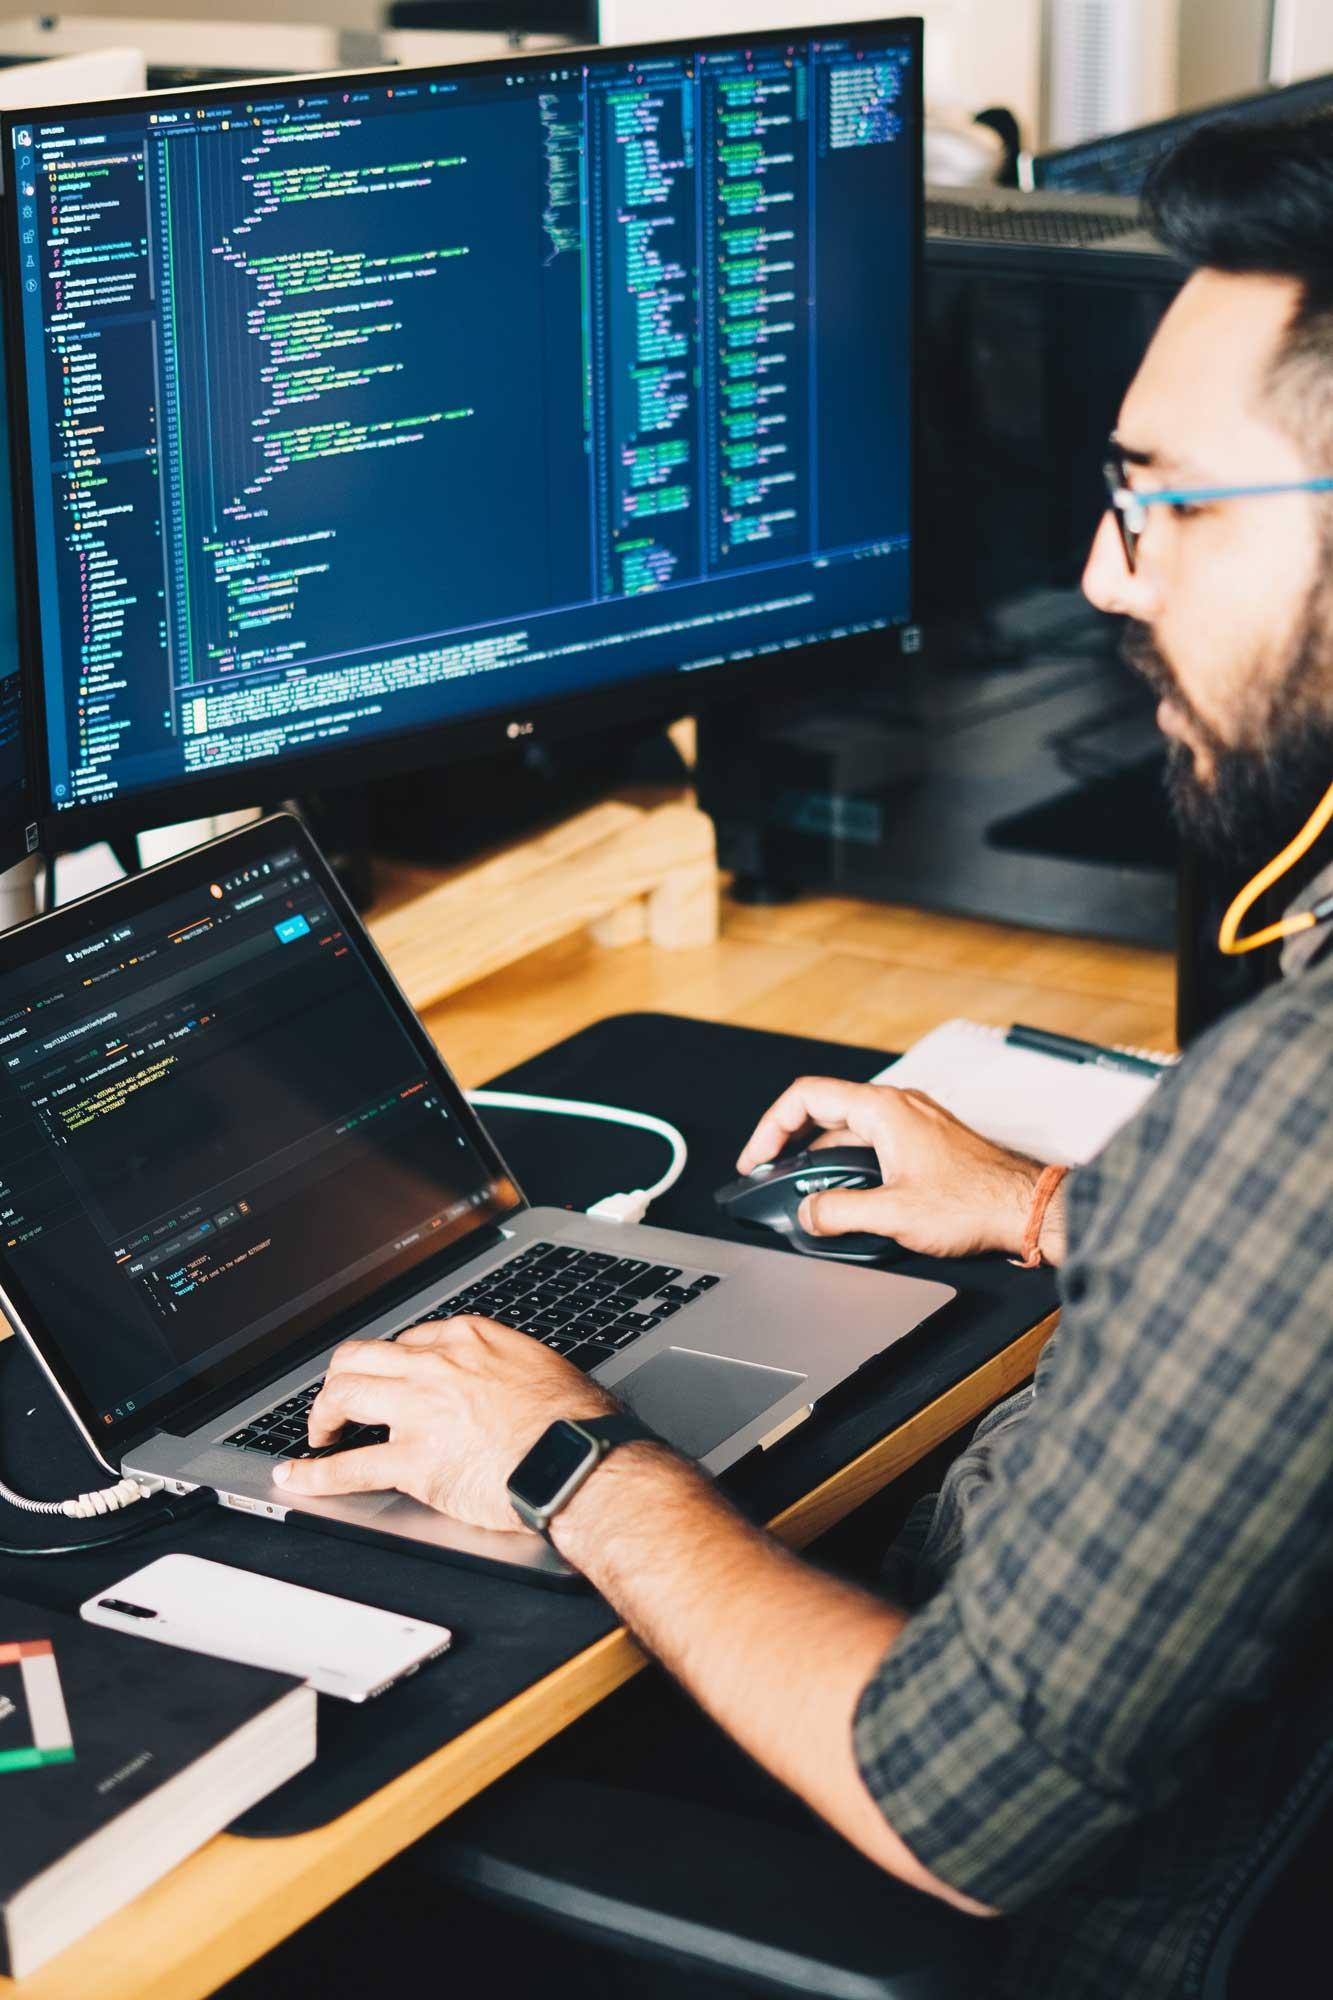 Mann sitzt an einem Schreibtisch in einer Marketing Agentur und programmiert am Laptop